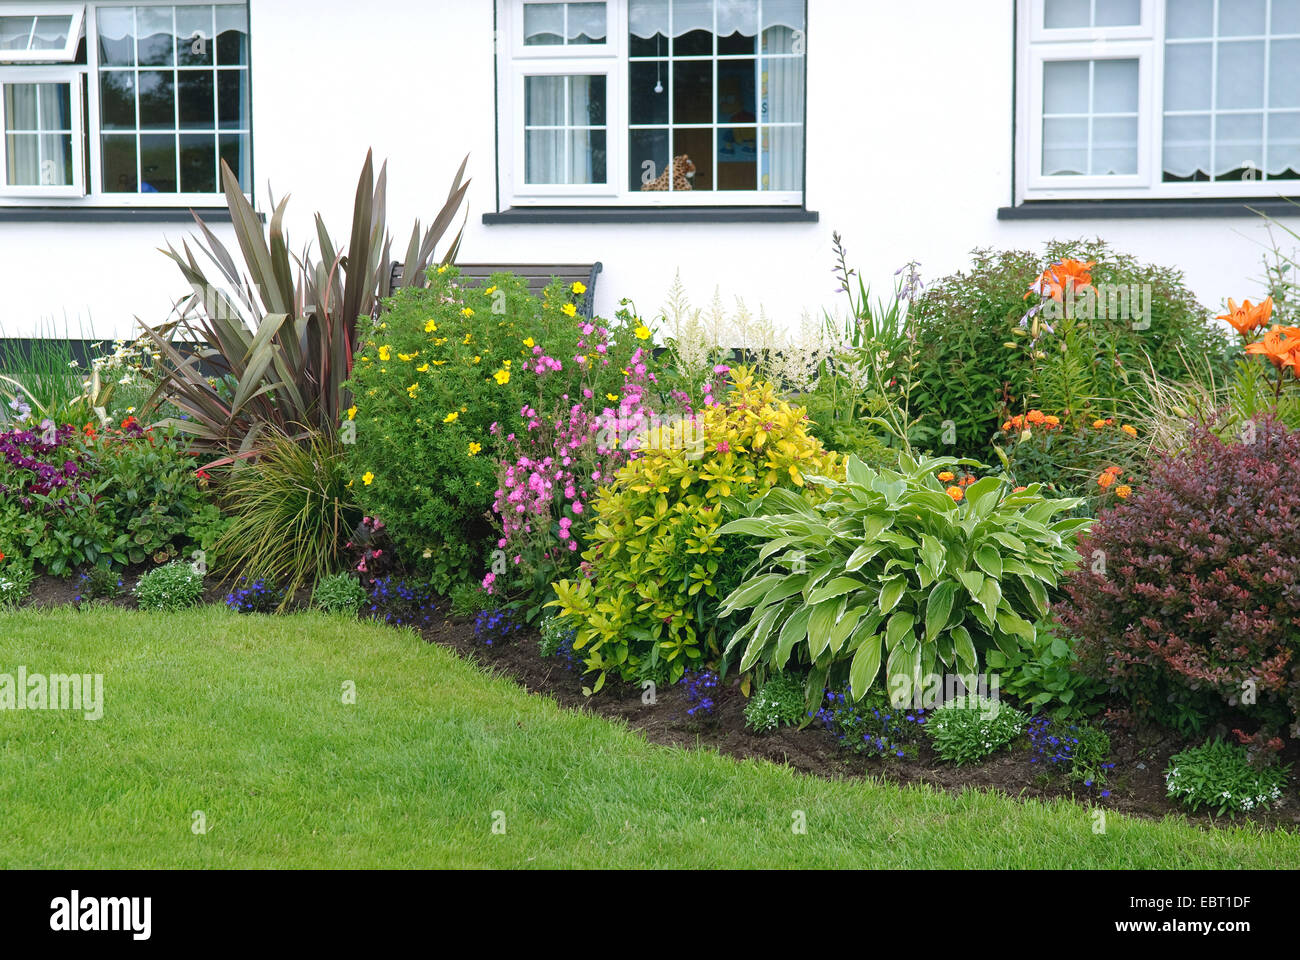 Frontgarden irlandese con la fioritura delle piante del giardino, Irlanda Achill Island Immagini Stock